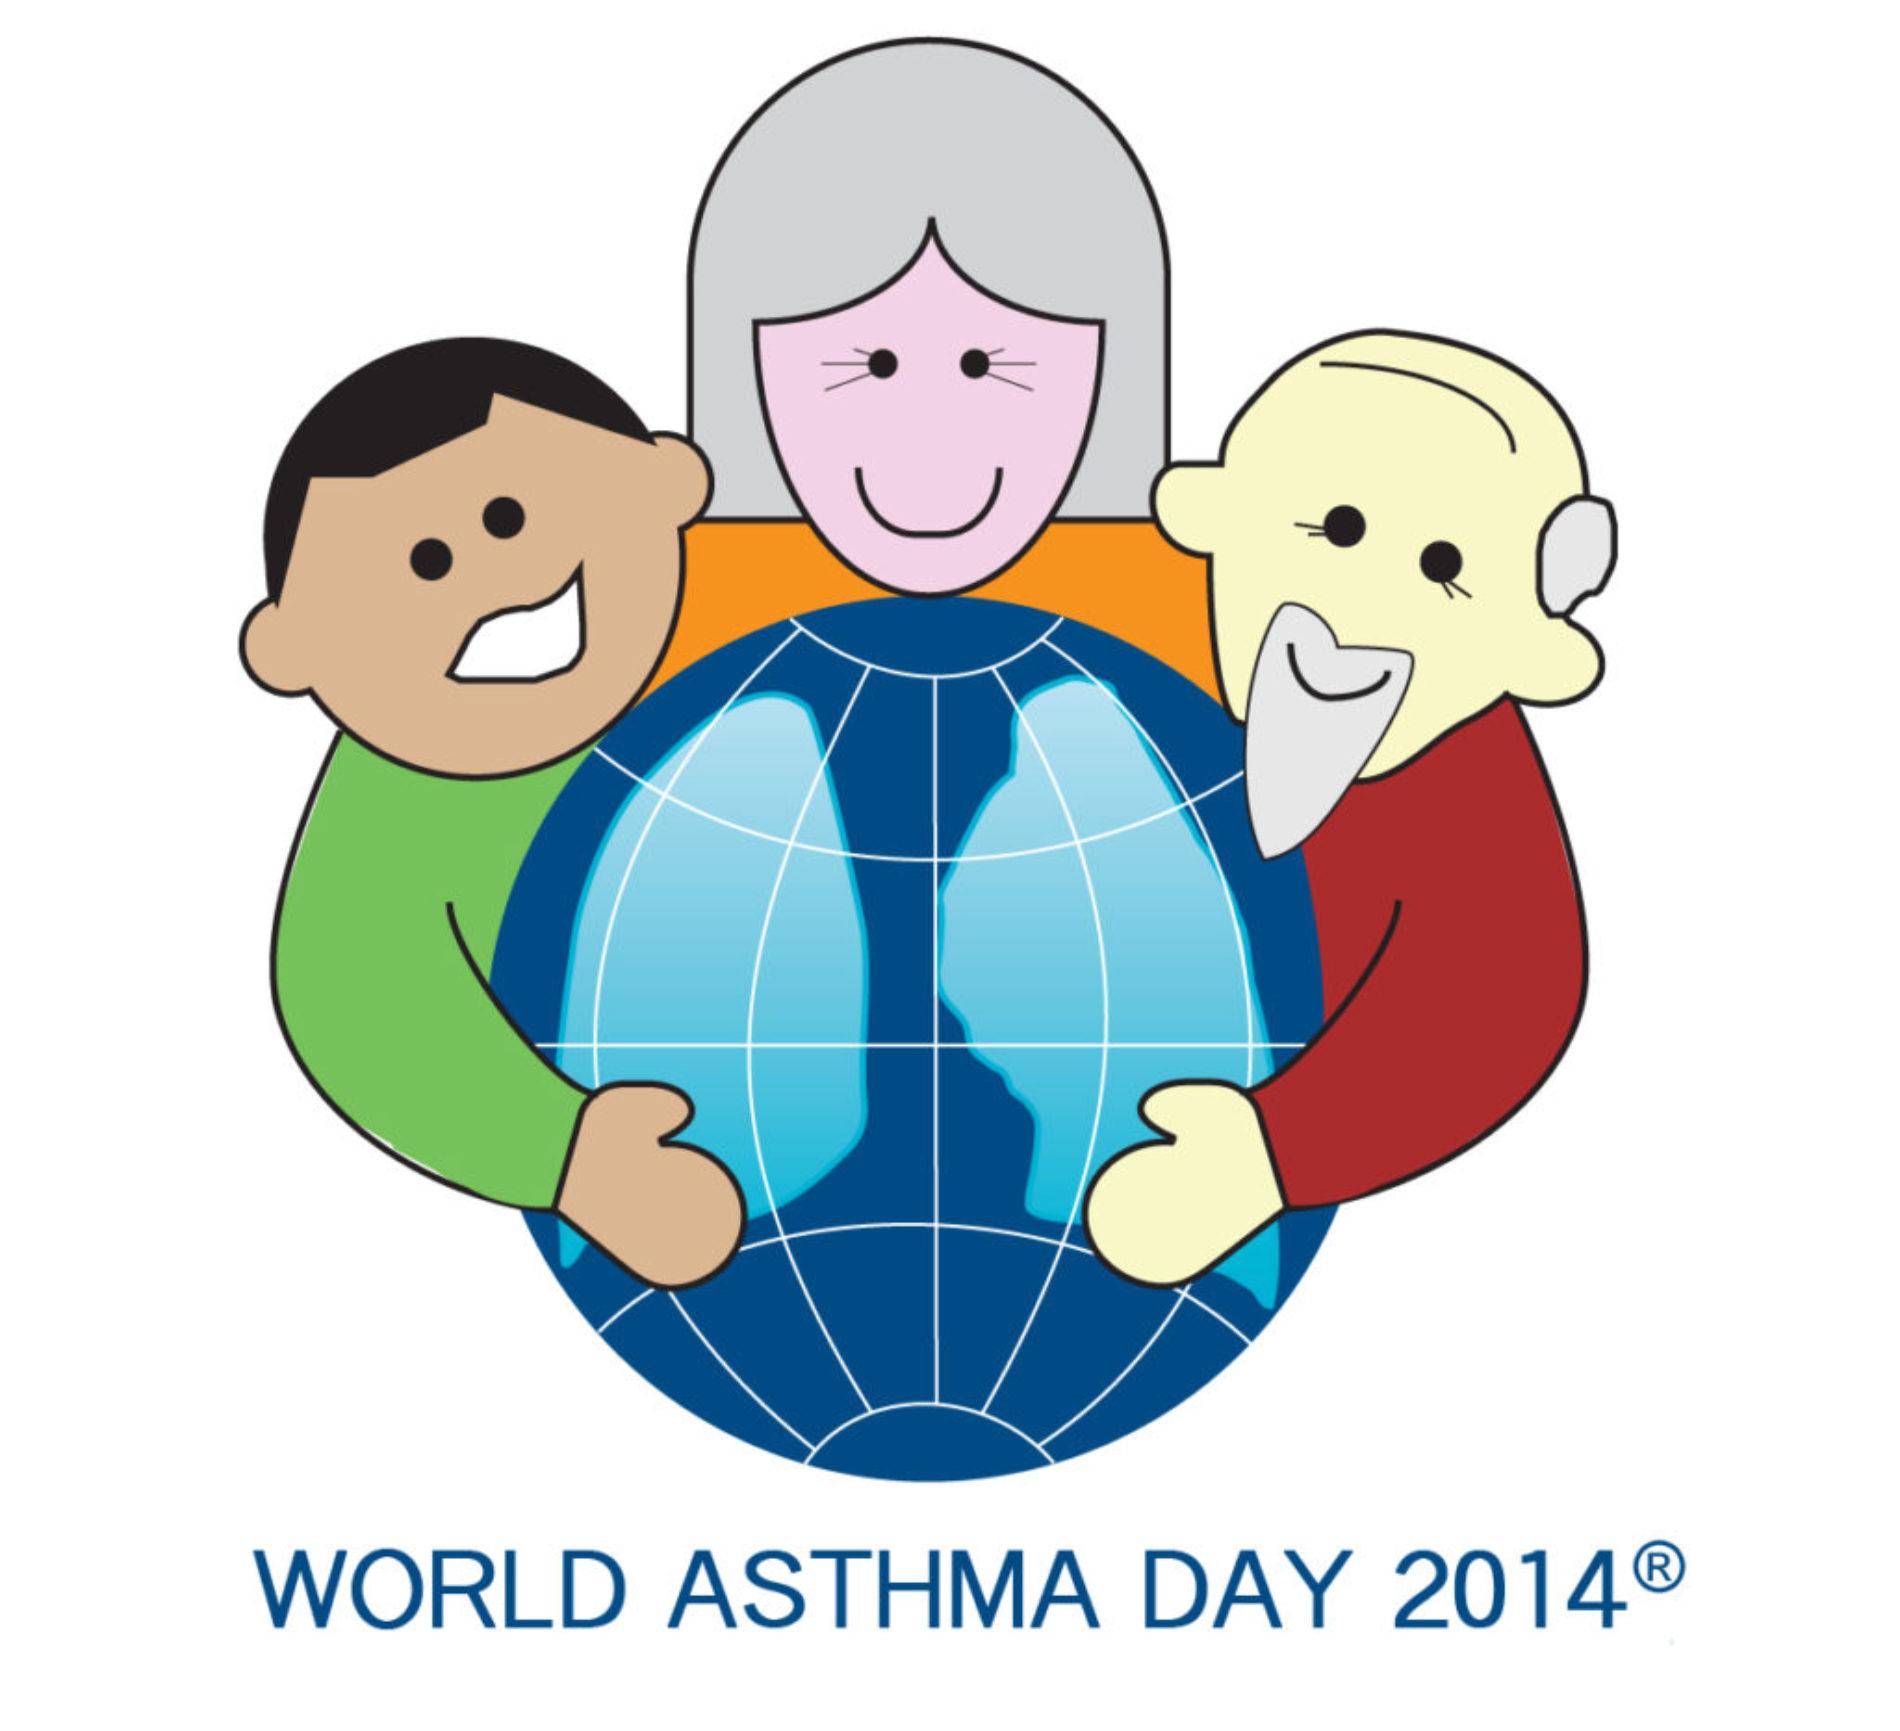 Giornata Mondiale dell'Asma: anche quest'anno visite gratuite al Policlinico